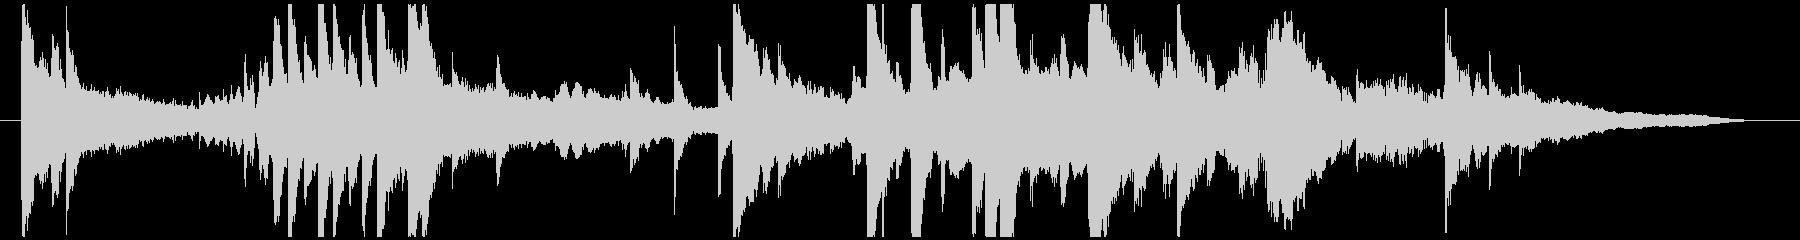 サウンドロゴ・シングル(雨をイメージ)の未再生の波形